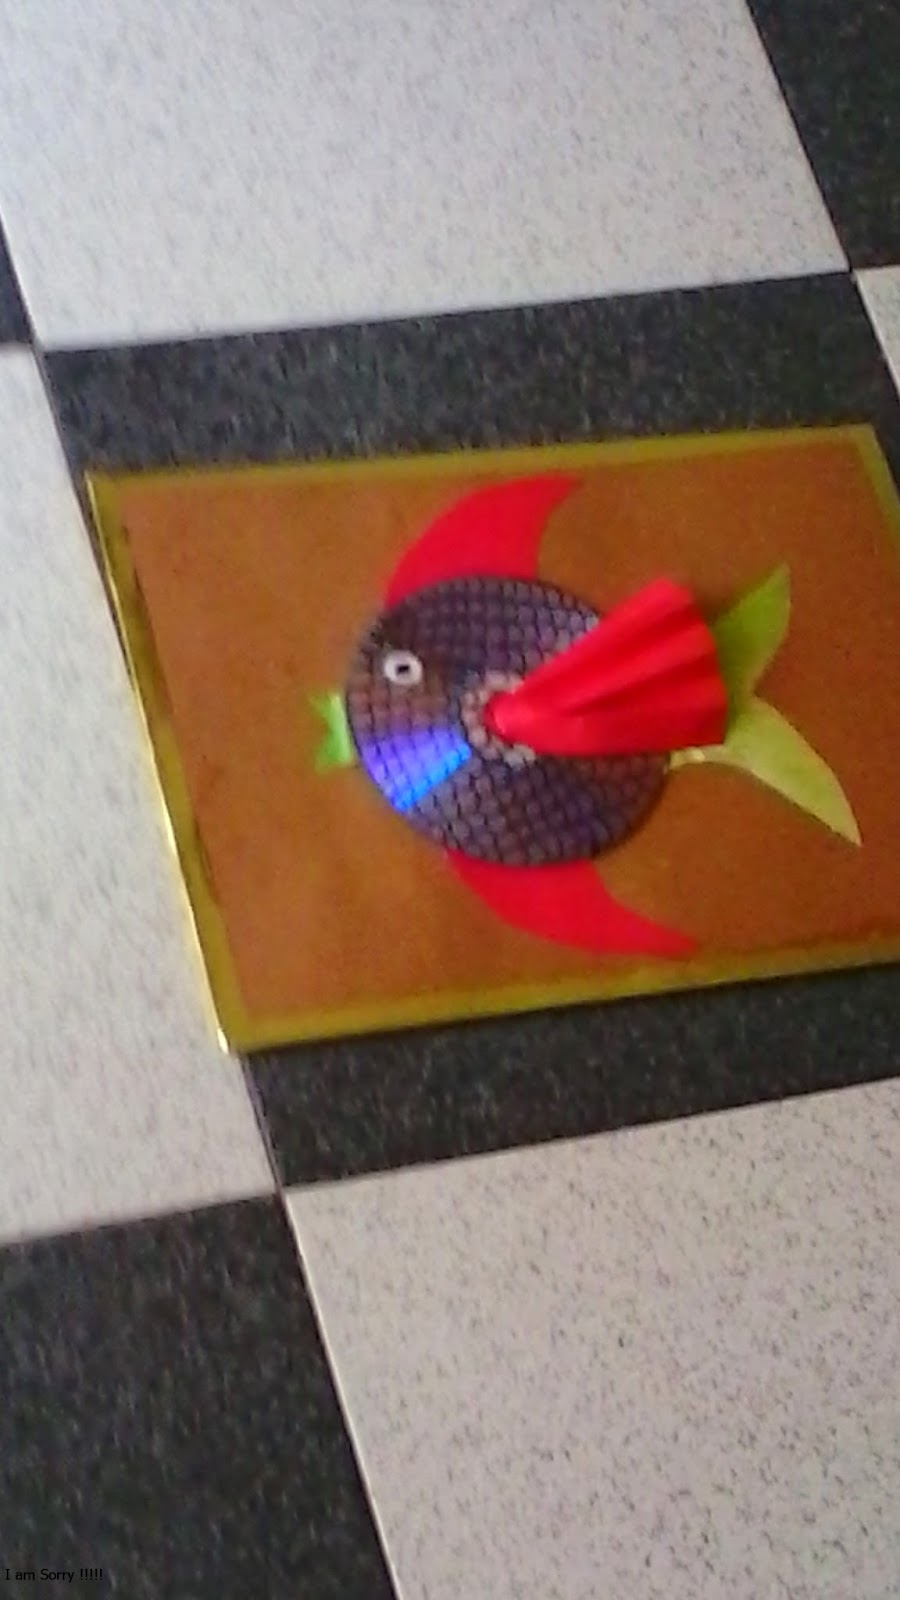 Cuadro con peces hechos con cd o dvd - Cuadros con peces ...